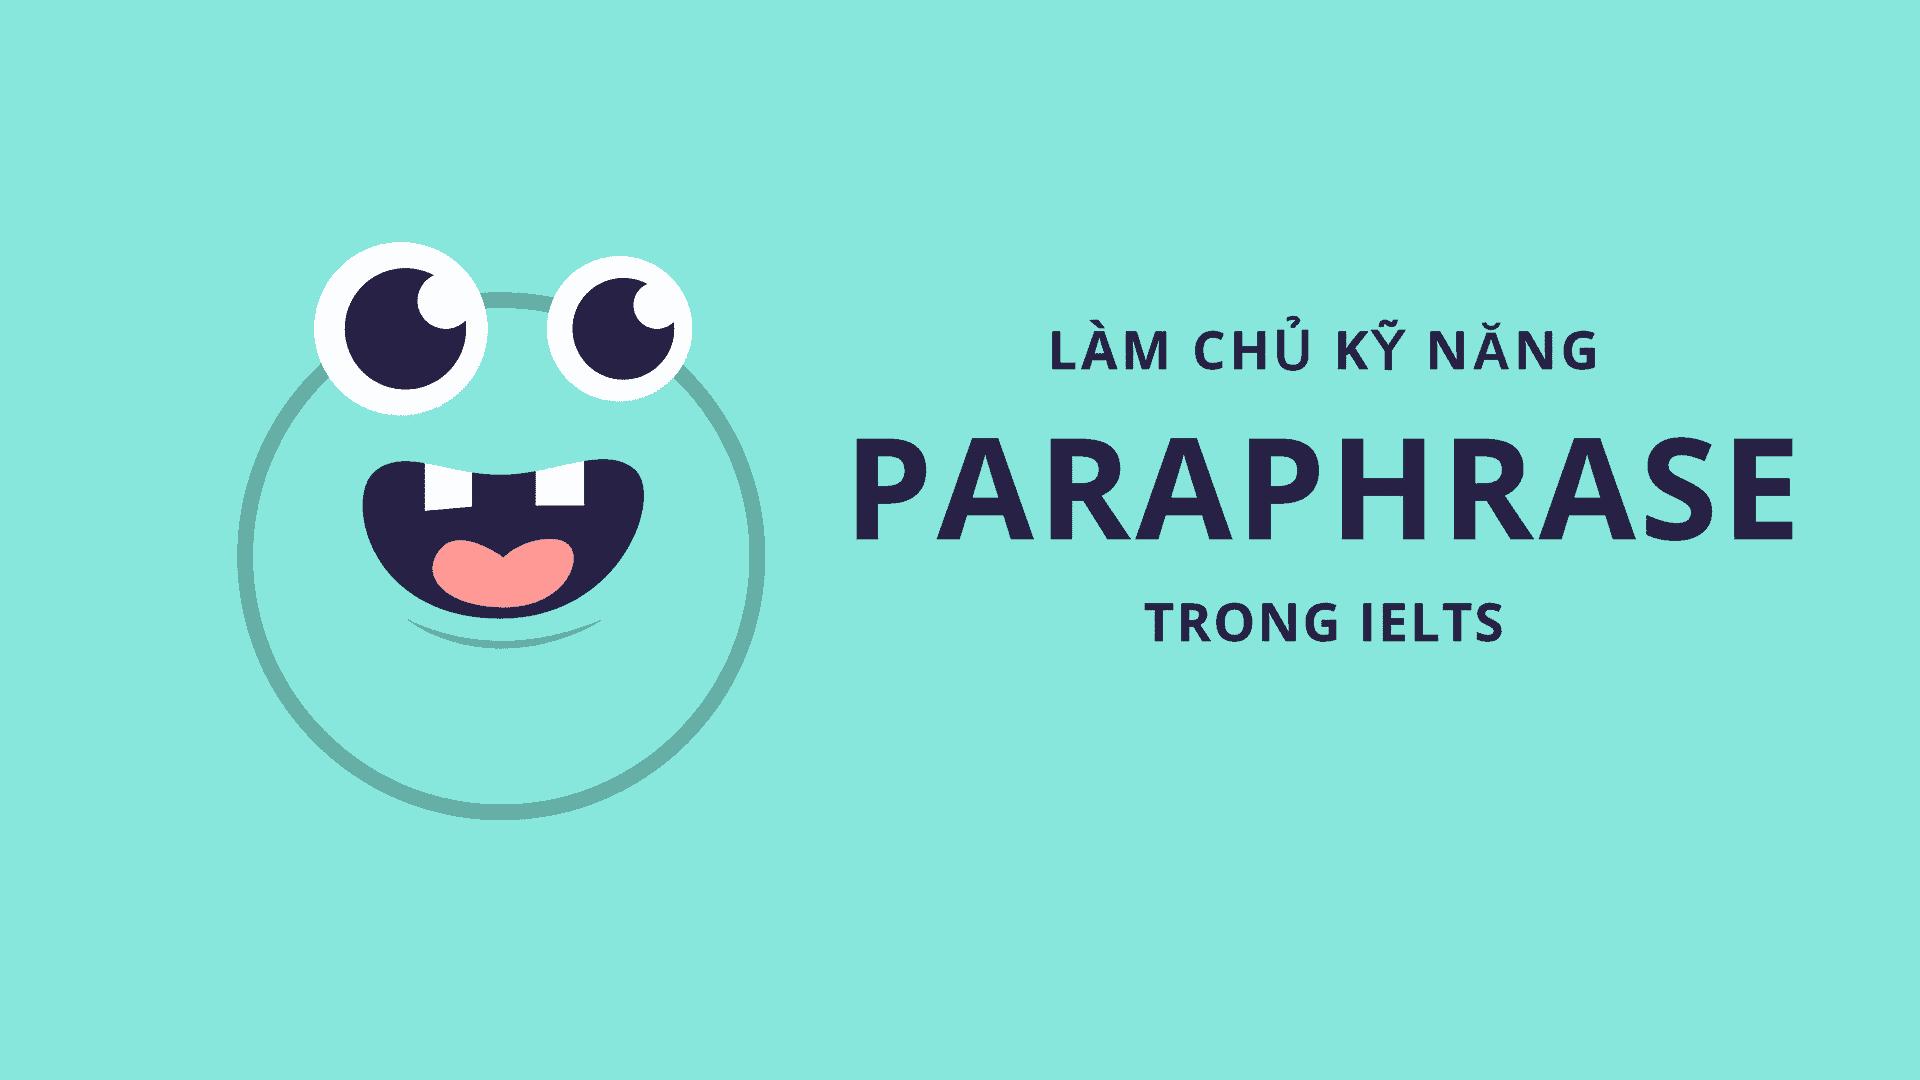 TỪ VỰNG PARAPHRASE THEO CHỦ ĐỀ CHO TASK 1 BY NGOCBACH